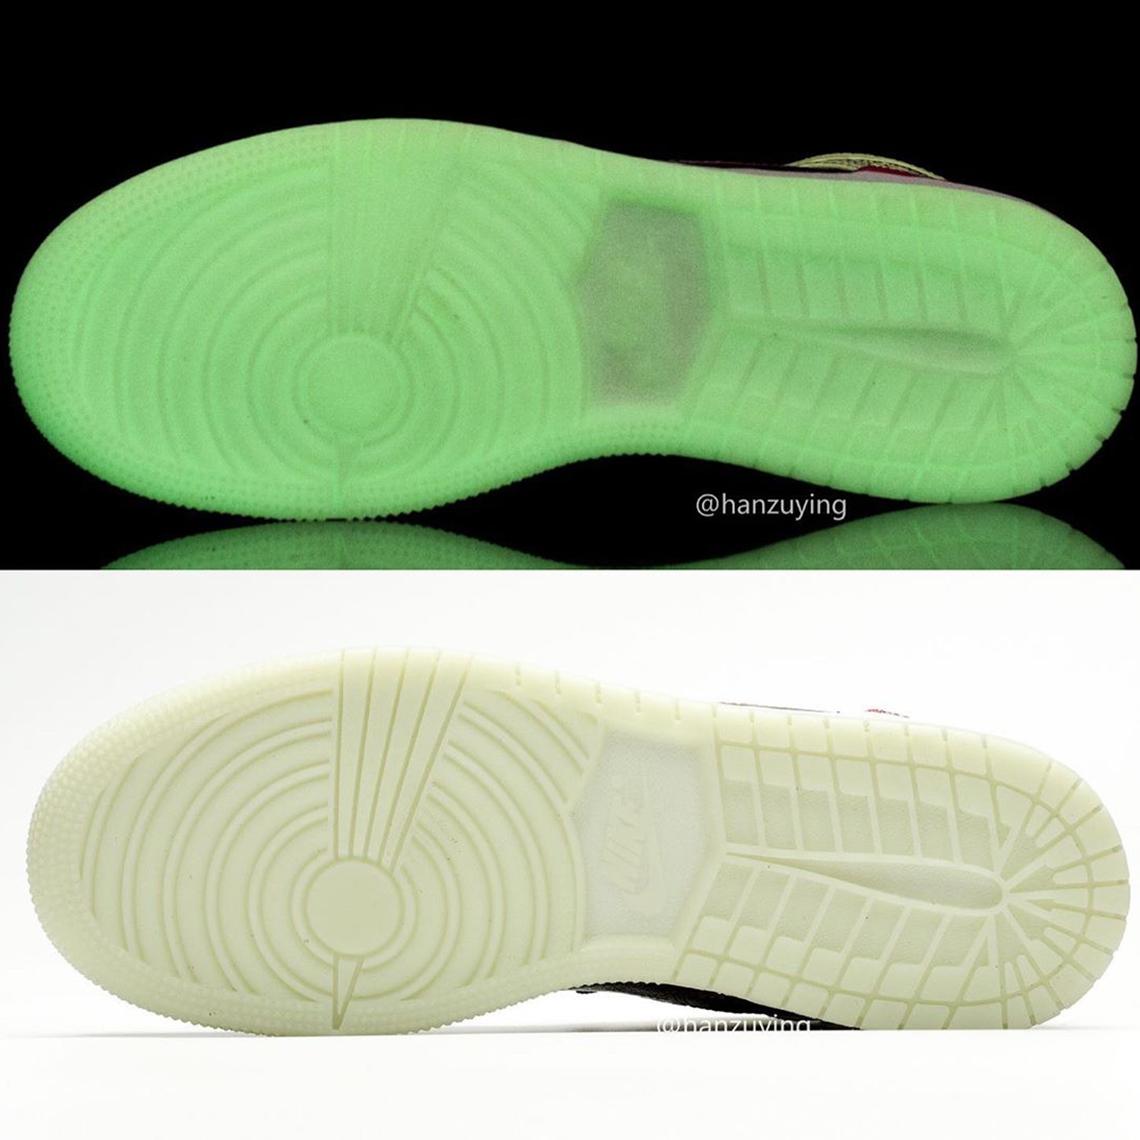 Air Jordan 1 Mid Glow In The Dark | Sneakerjagers